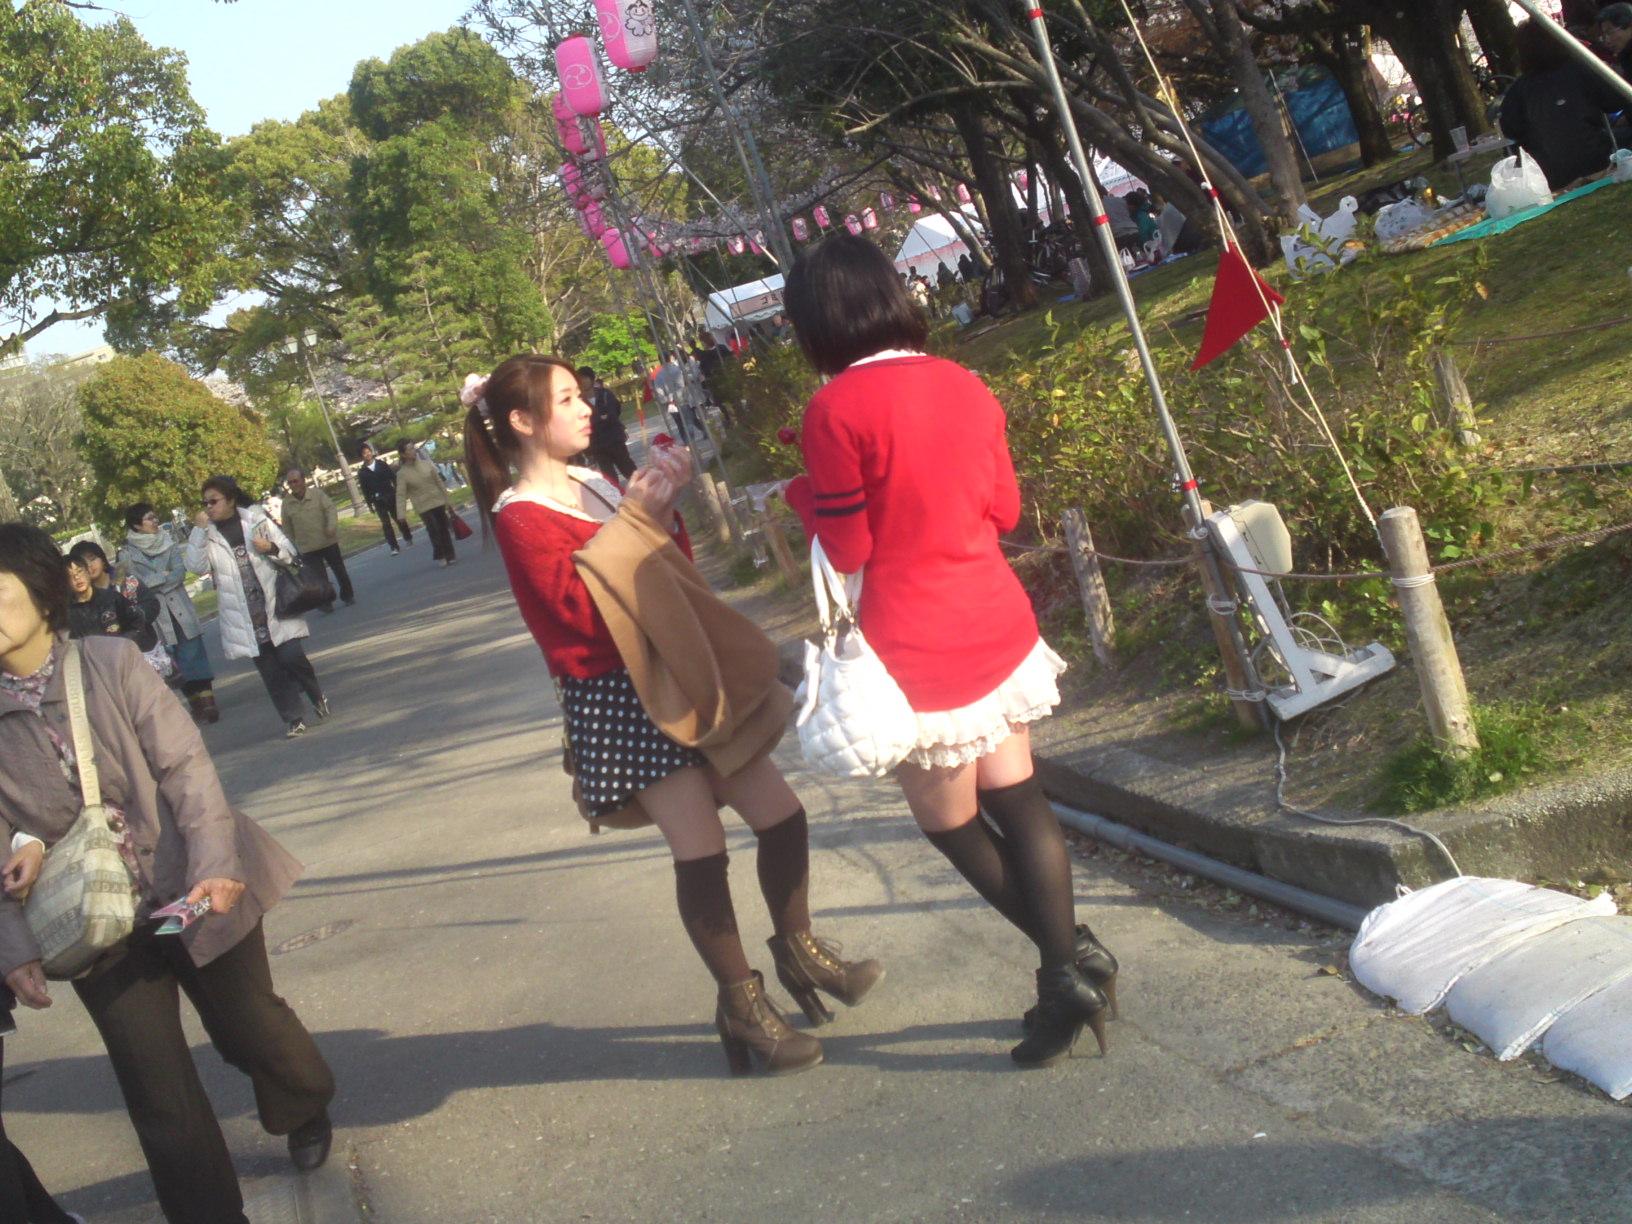 shizuoka single girls Meet singles in shizuoka online today shizuoka dating showing guys and girls of any age in shizuoka.